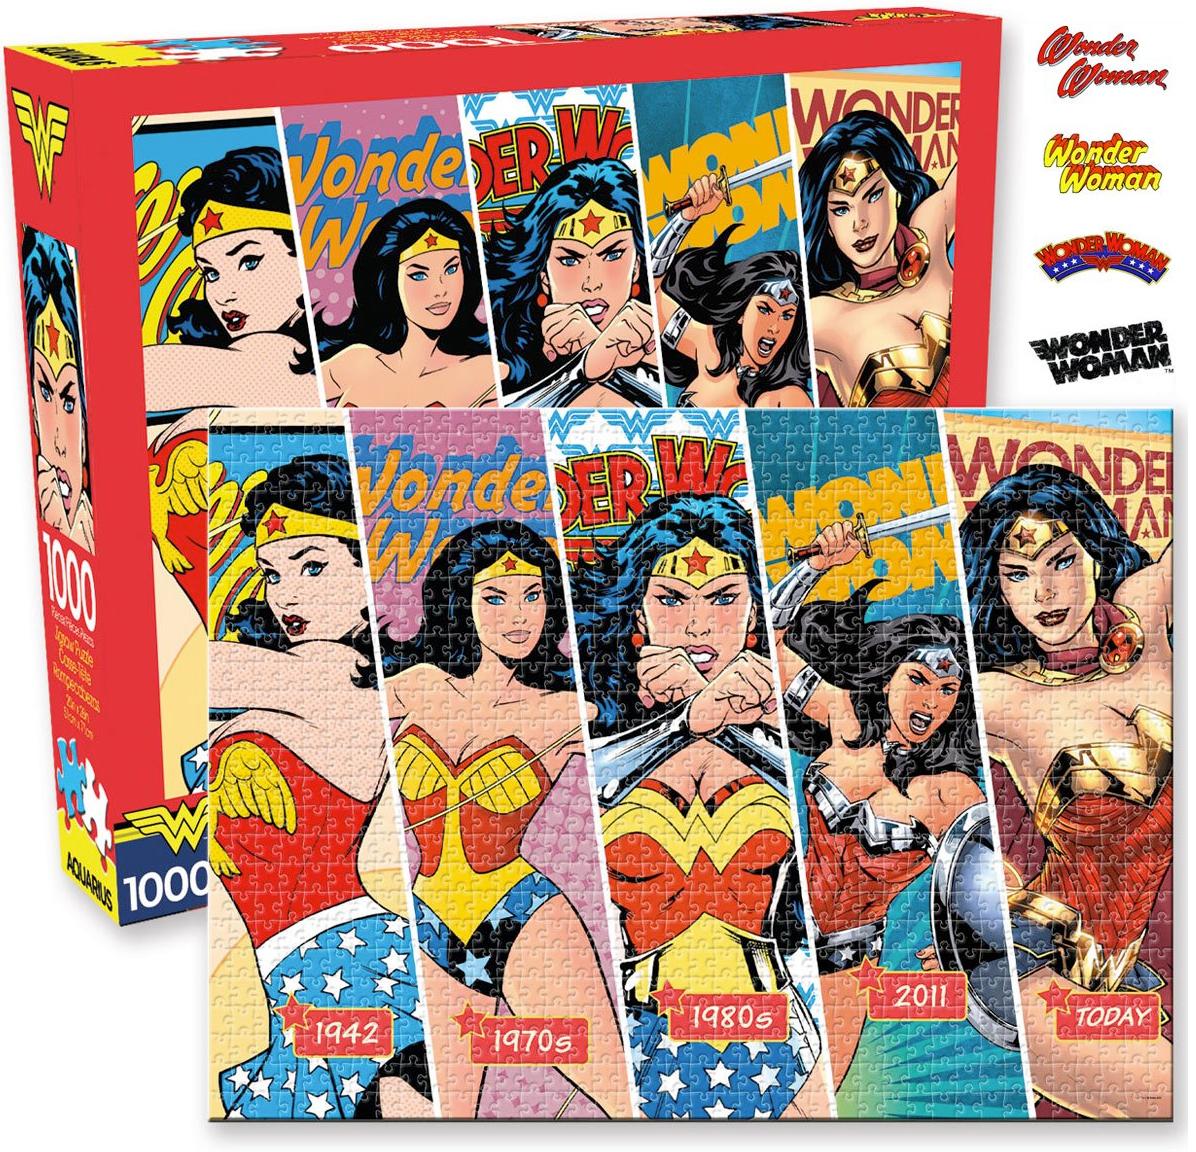 Quebra-Cabeça Wonder Woman Timeline com 5 Eras da Mulher Maravilha e 1.000 Peças